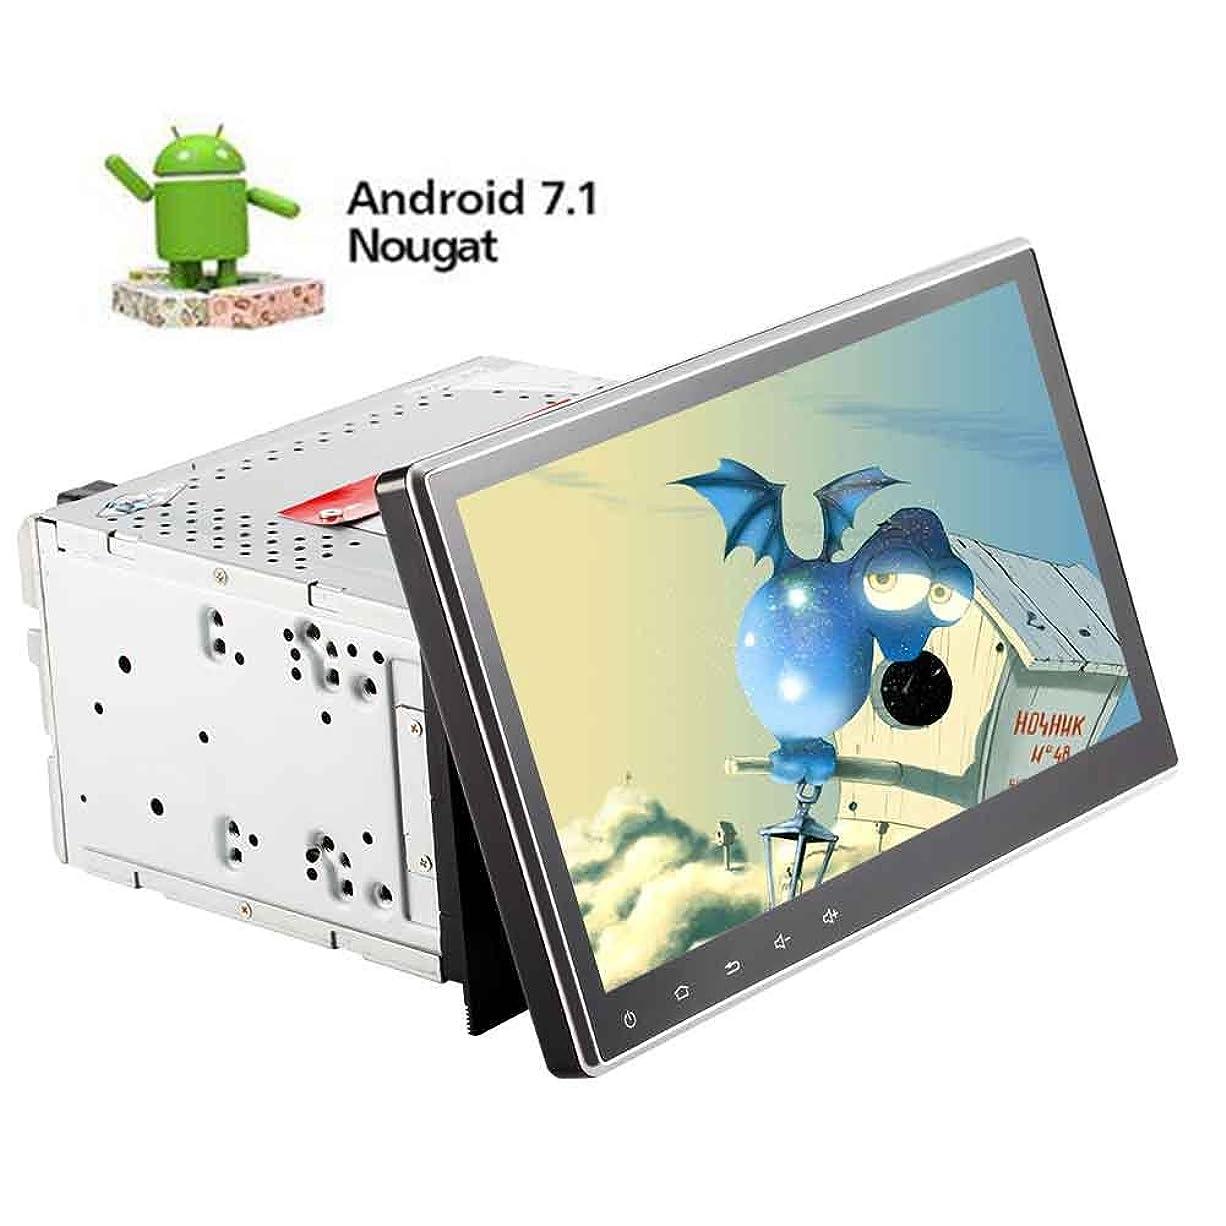 テレビビデオモードAndroid 7.1 Double Din Car Radio Stereo Bluetooth GPS Navagation 2 Din In Dash Head Unit DVD CD Player with 1024*600 10.1 Inch Touch Screen Support WIFI 3G 4G OBD2 Dual CAM-IN Mirror Link